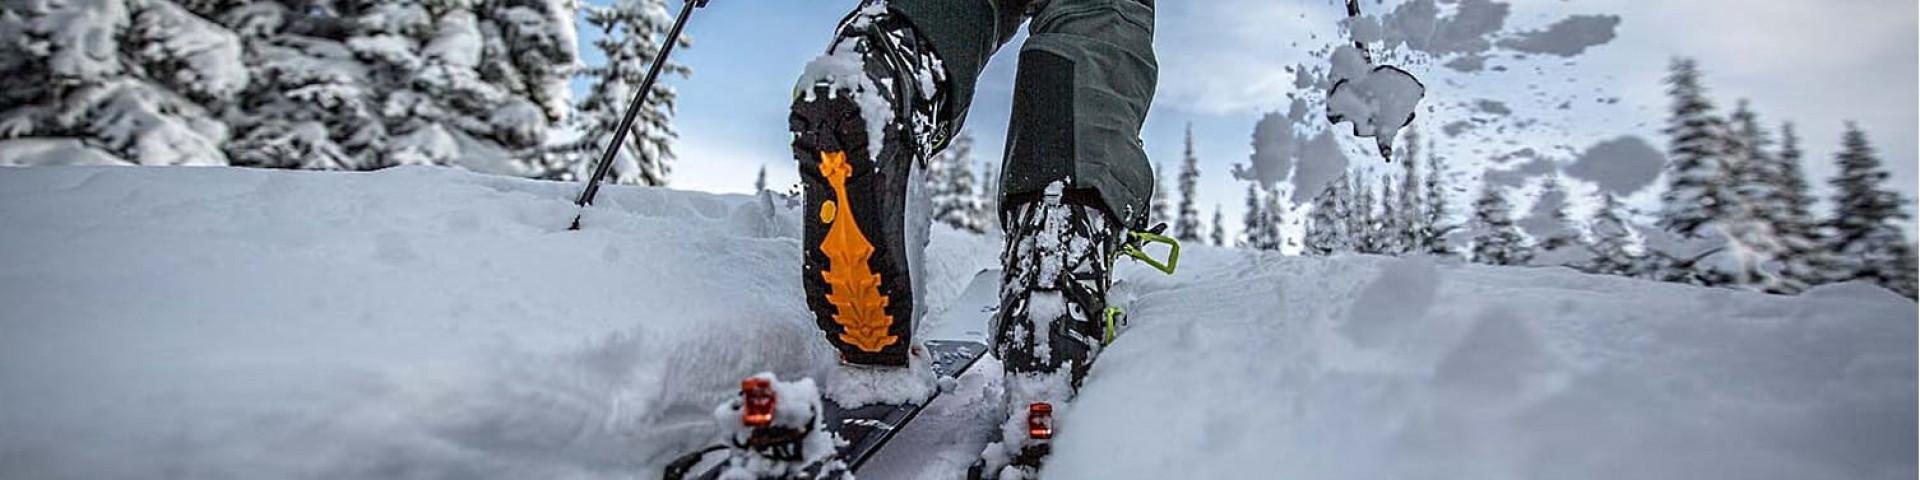 Покорители горных склонов: рейтинг лучших горнолыжных ботинок 2021 года